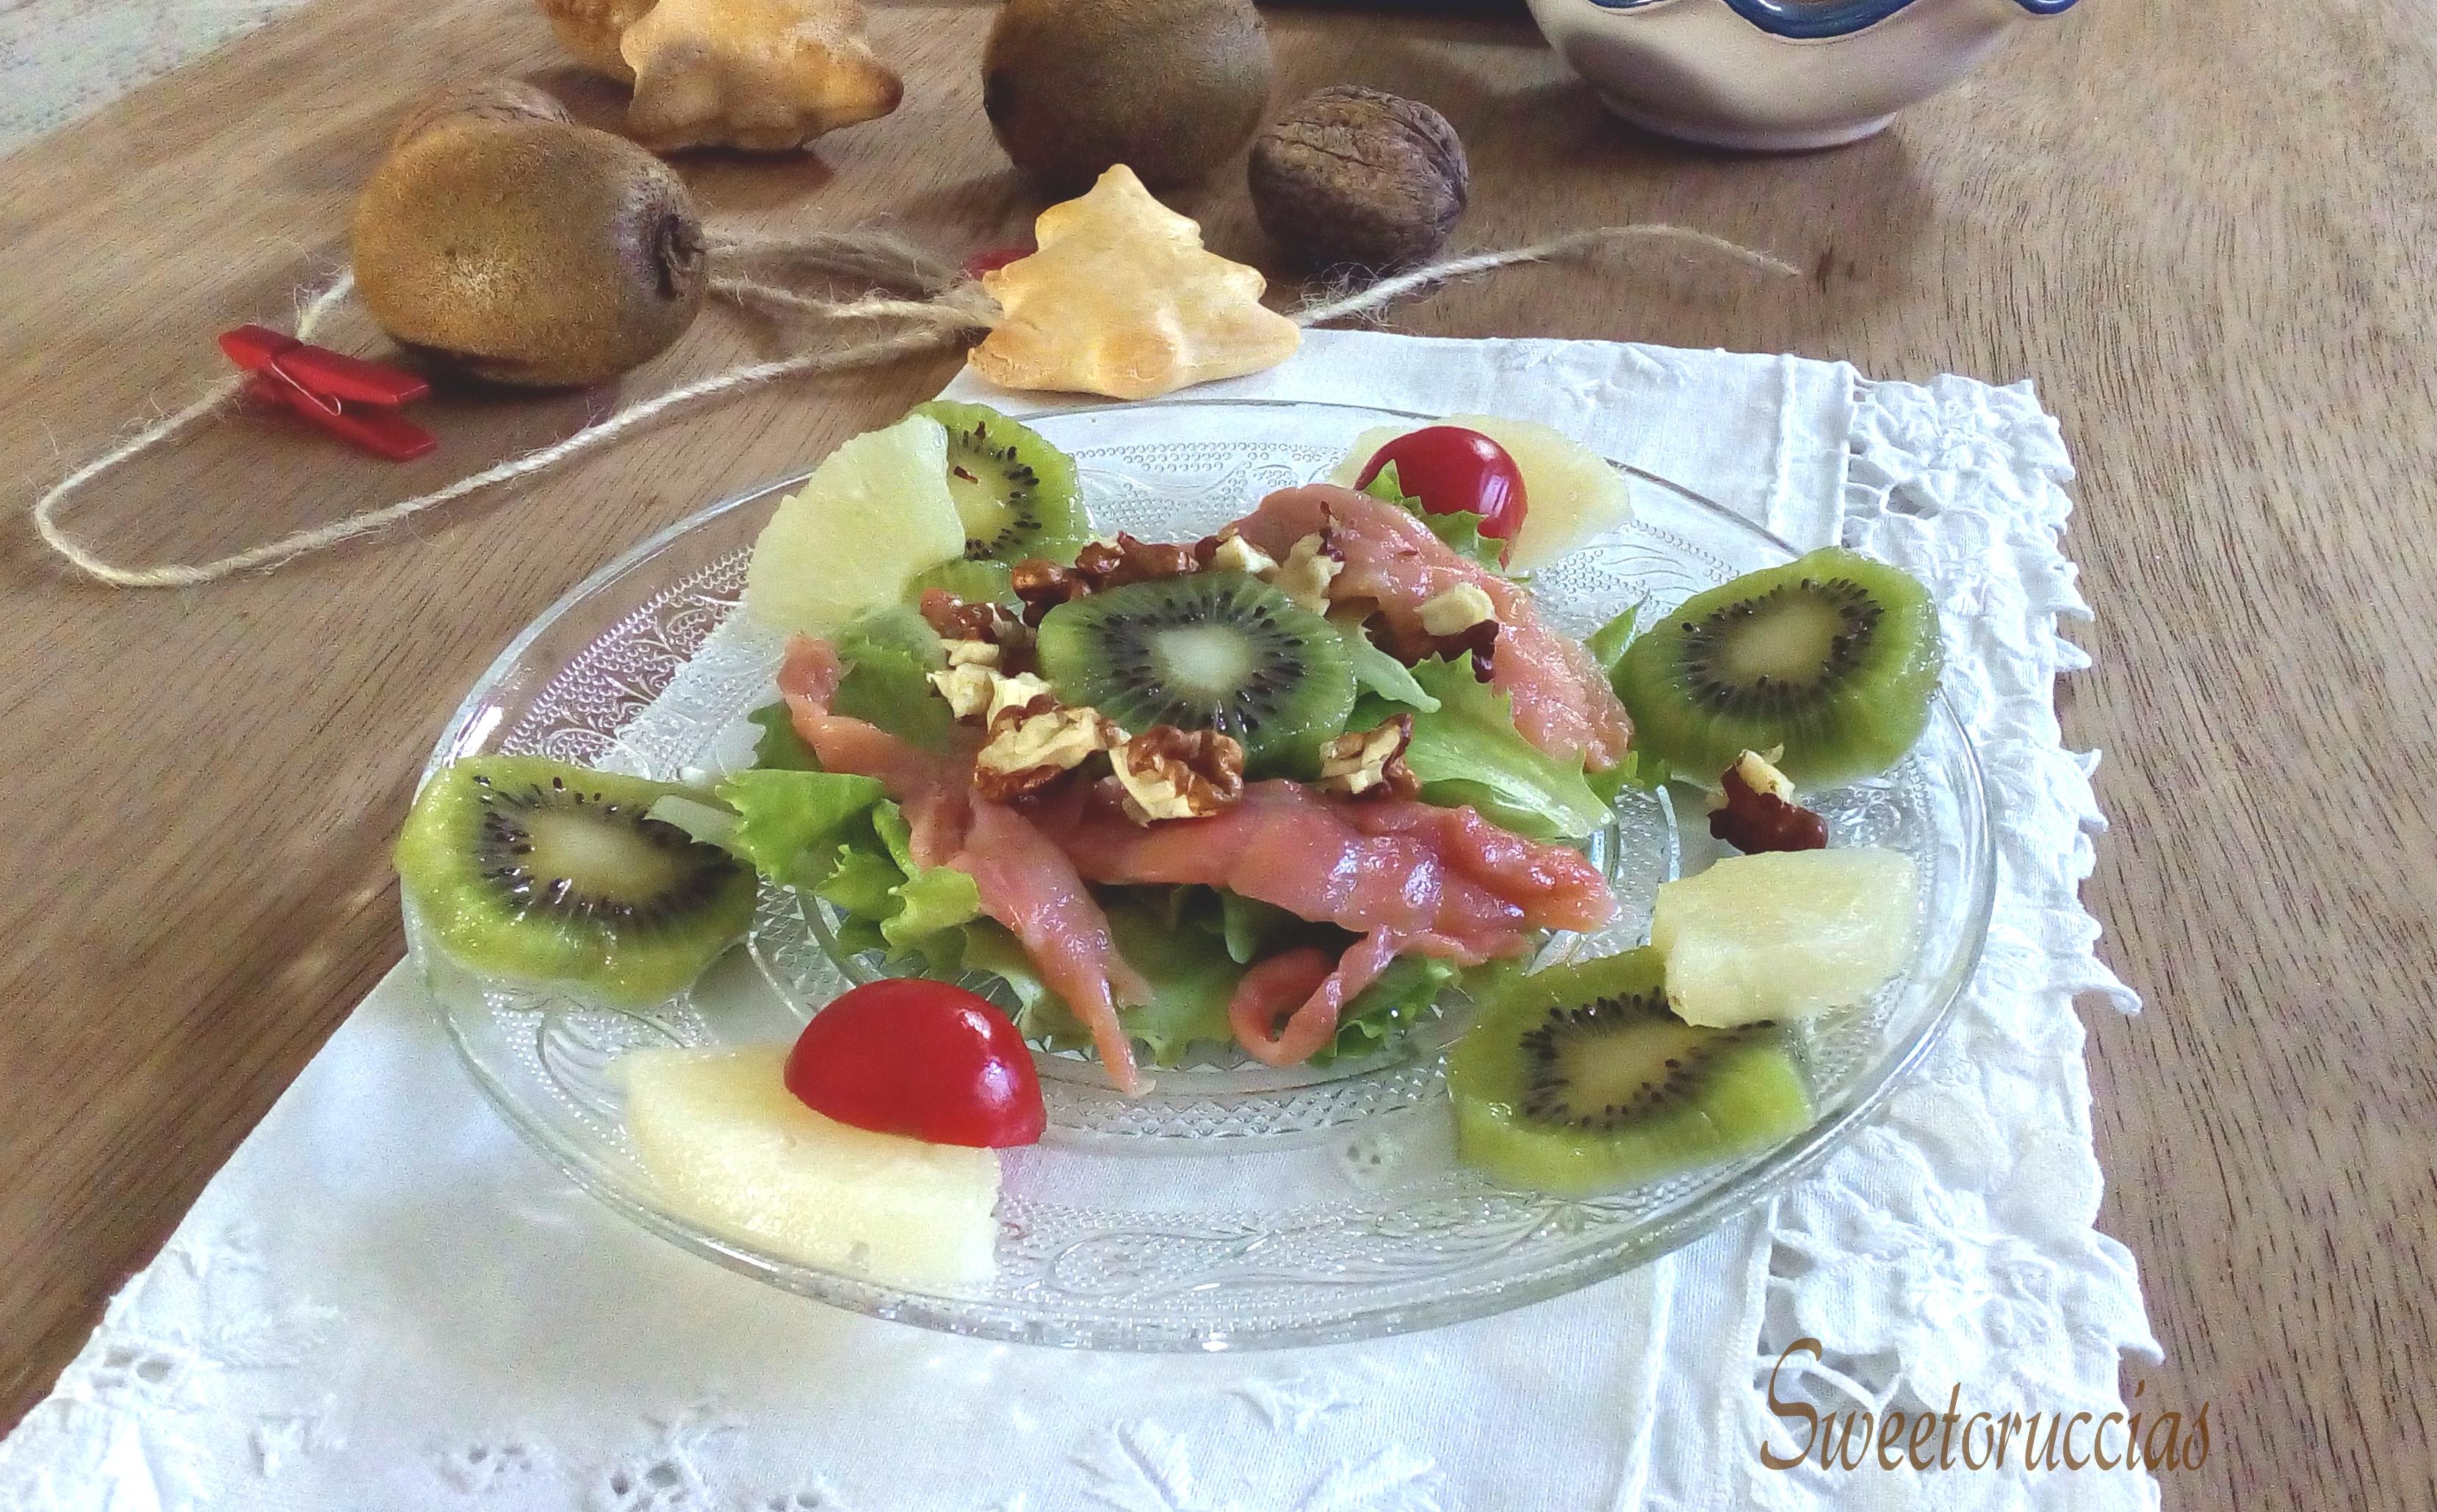 Insalata al kiwi con salmone e frutta secca sweetoruccias for Frutta con la o iniziale